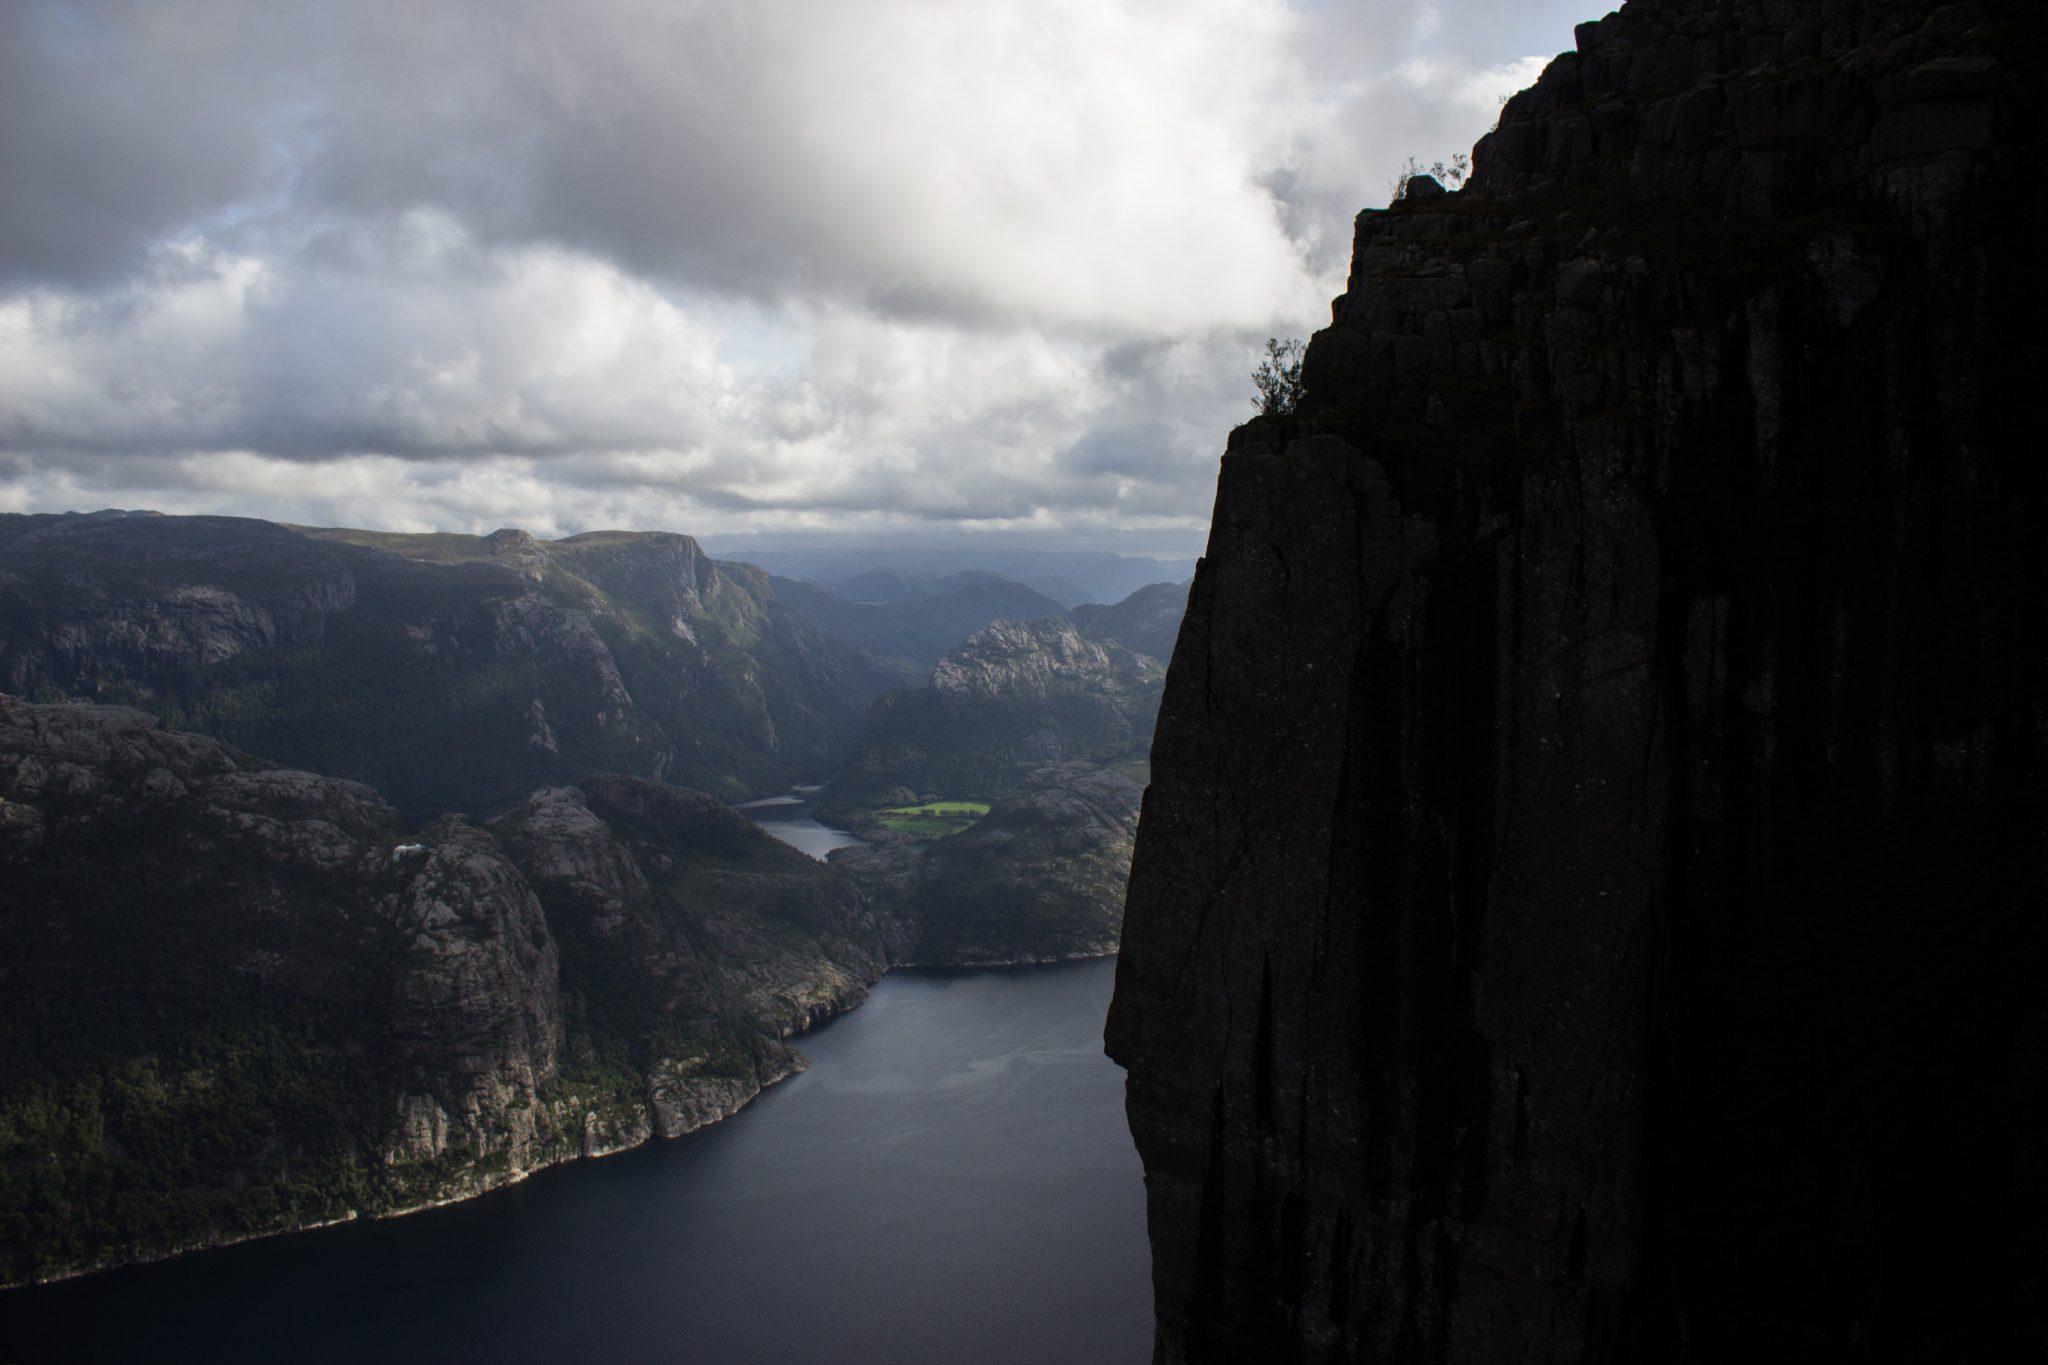 Wanderung zum Pulpit Rock Preikestolen, berühmtester Felsen in Norwegen, Blick auf Lysefjord und riesige steile Felswände, traumhafte Landschaft